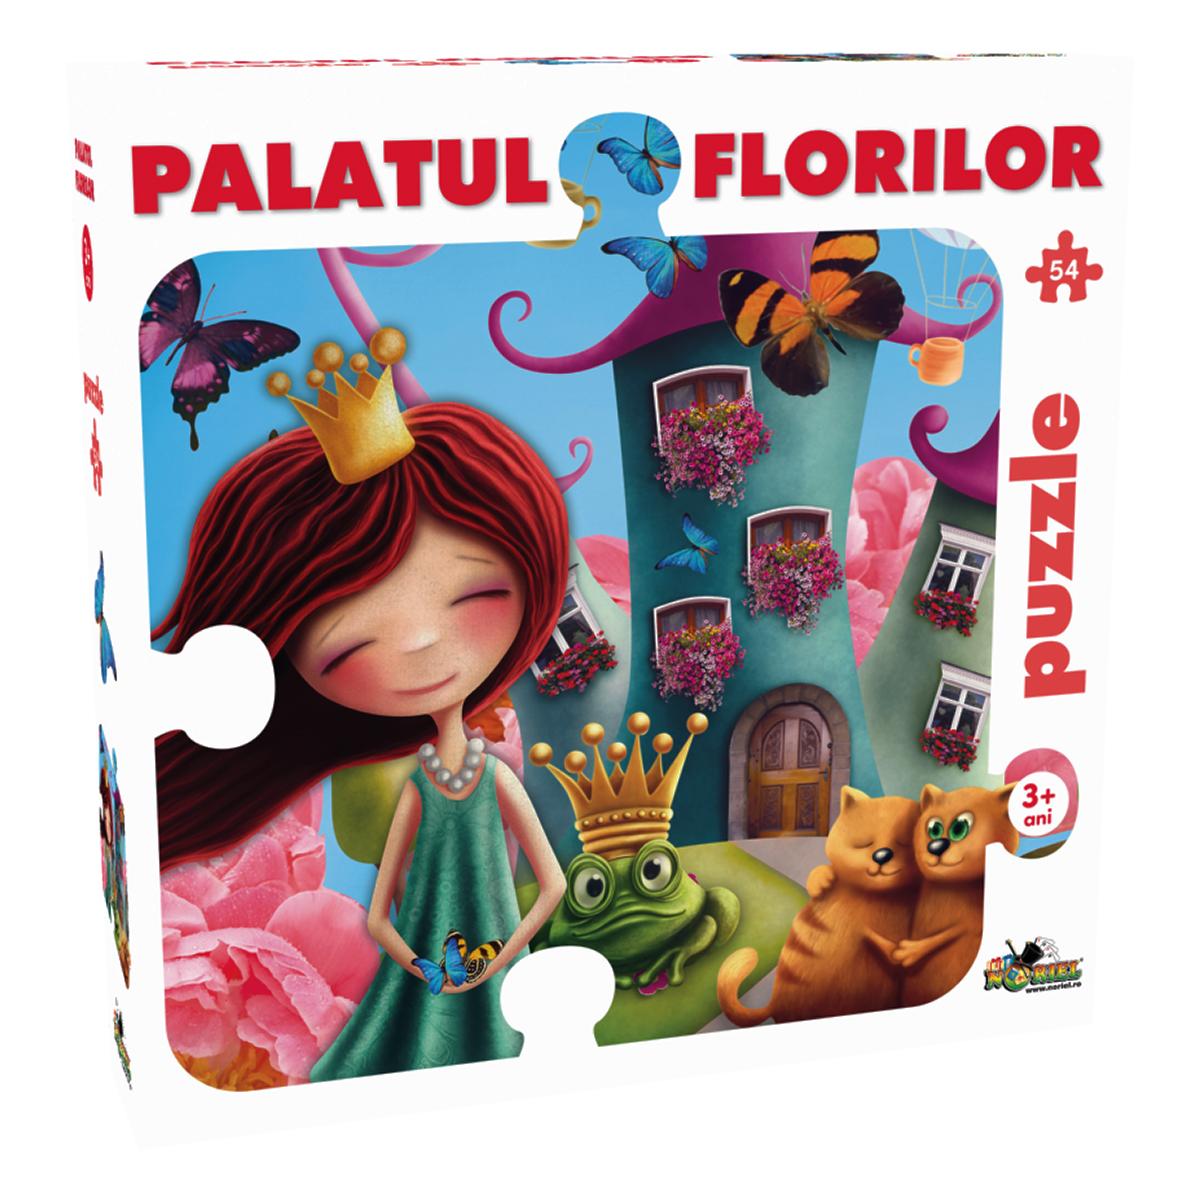 puzzle noriel - palatul florilor (54 piese)